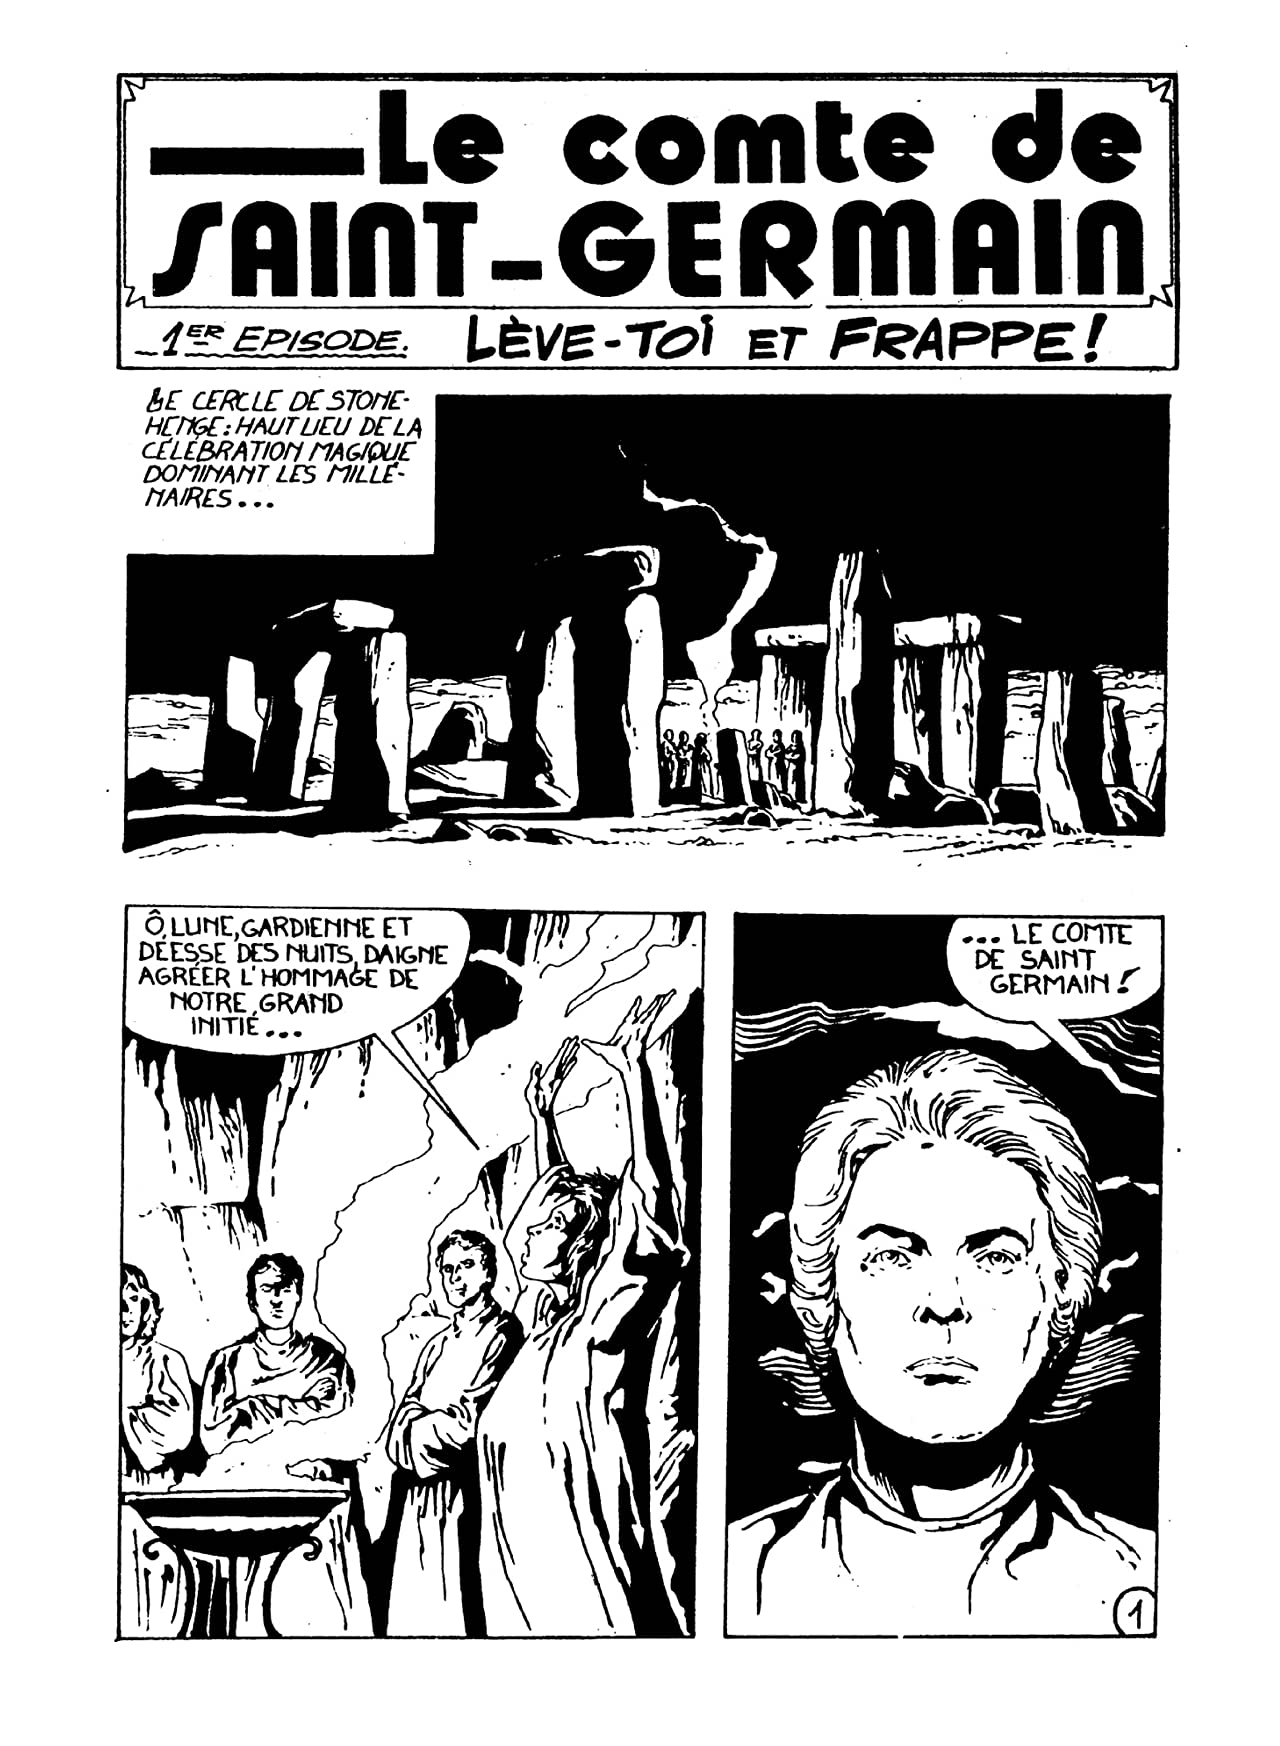 COMTE ST. GERMAIN Vol. 1: Lève-toi et frappe!